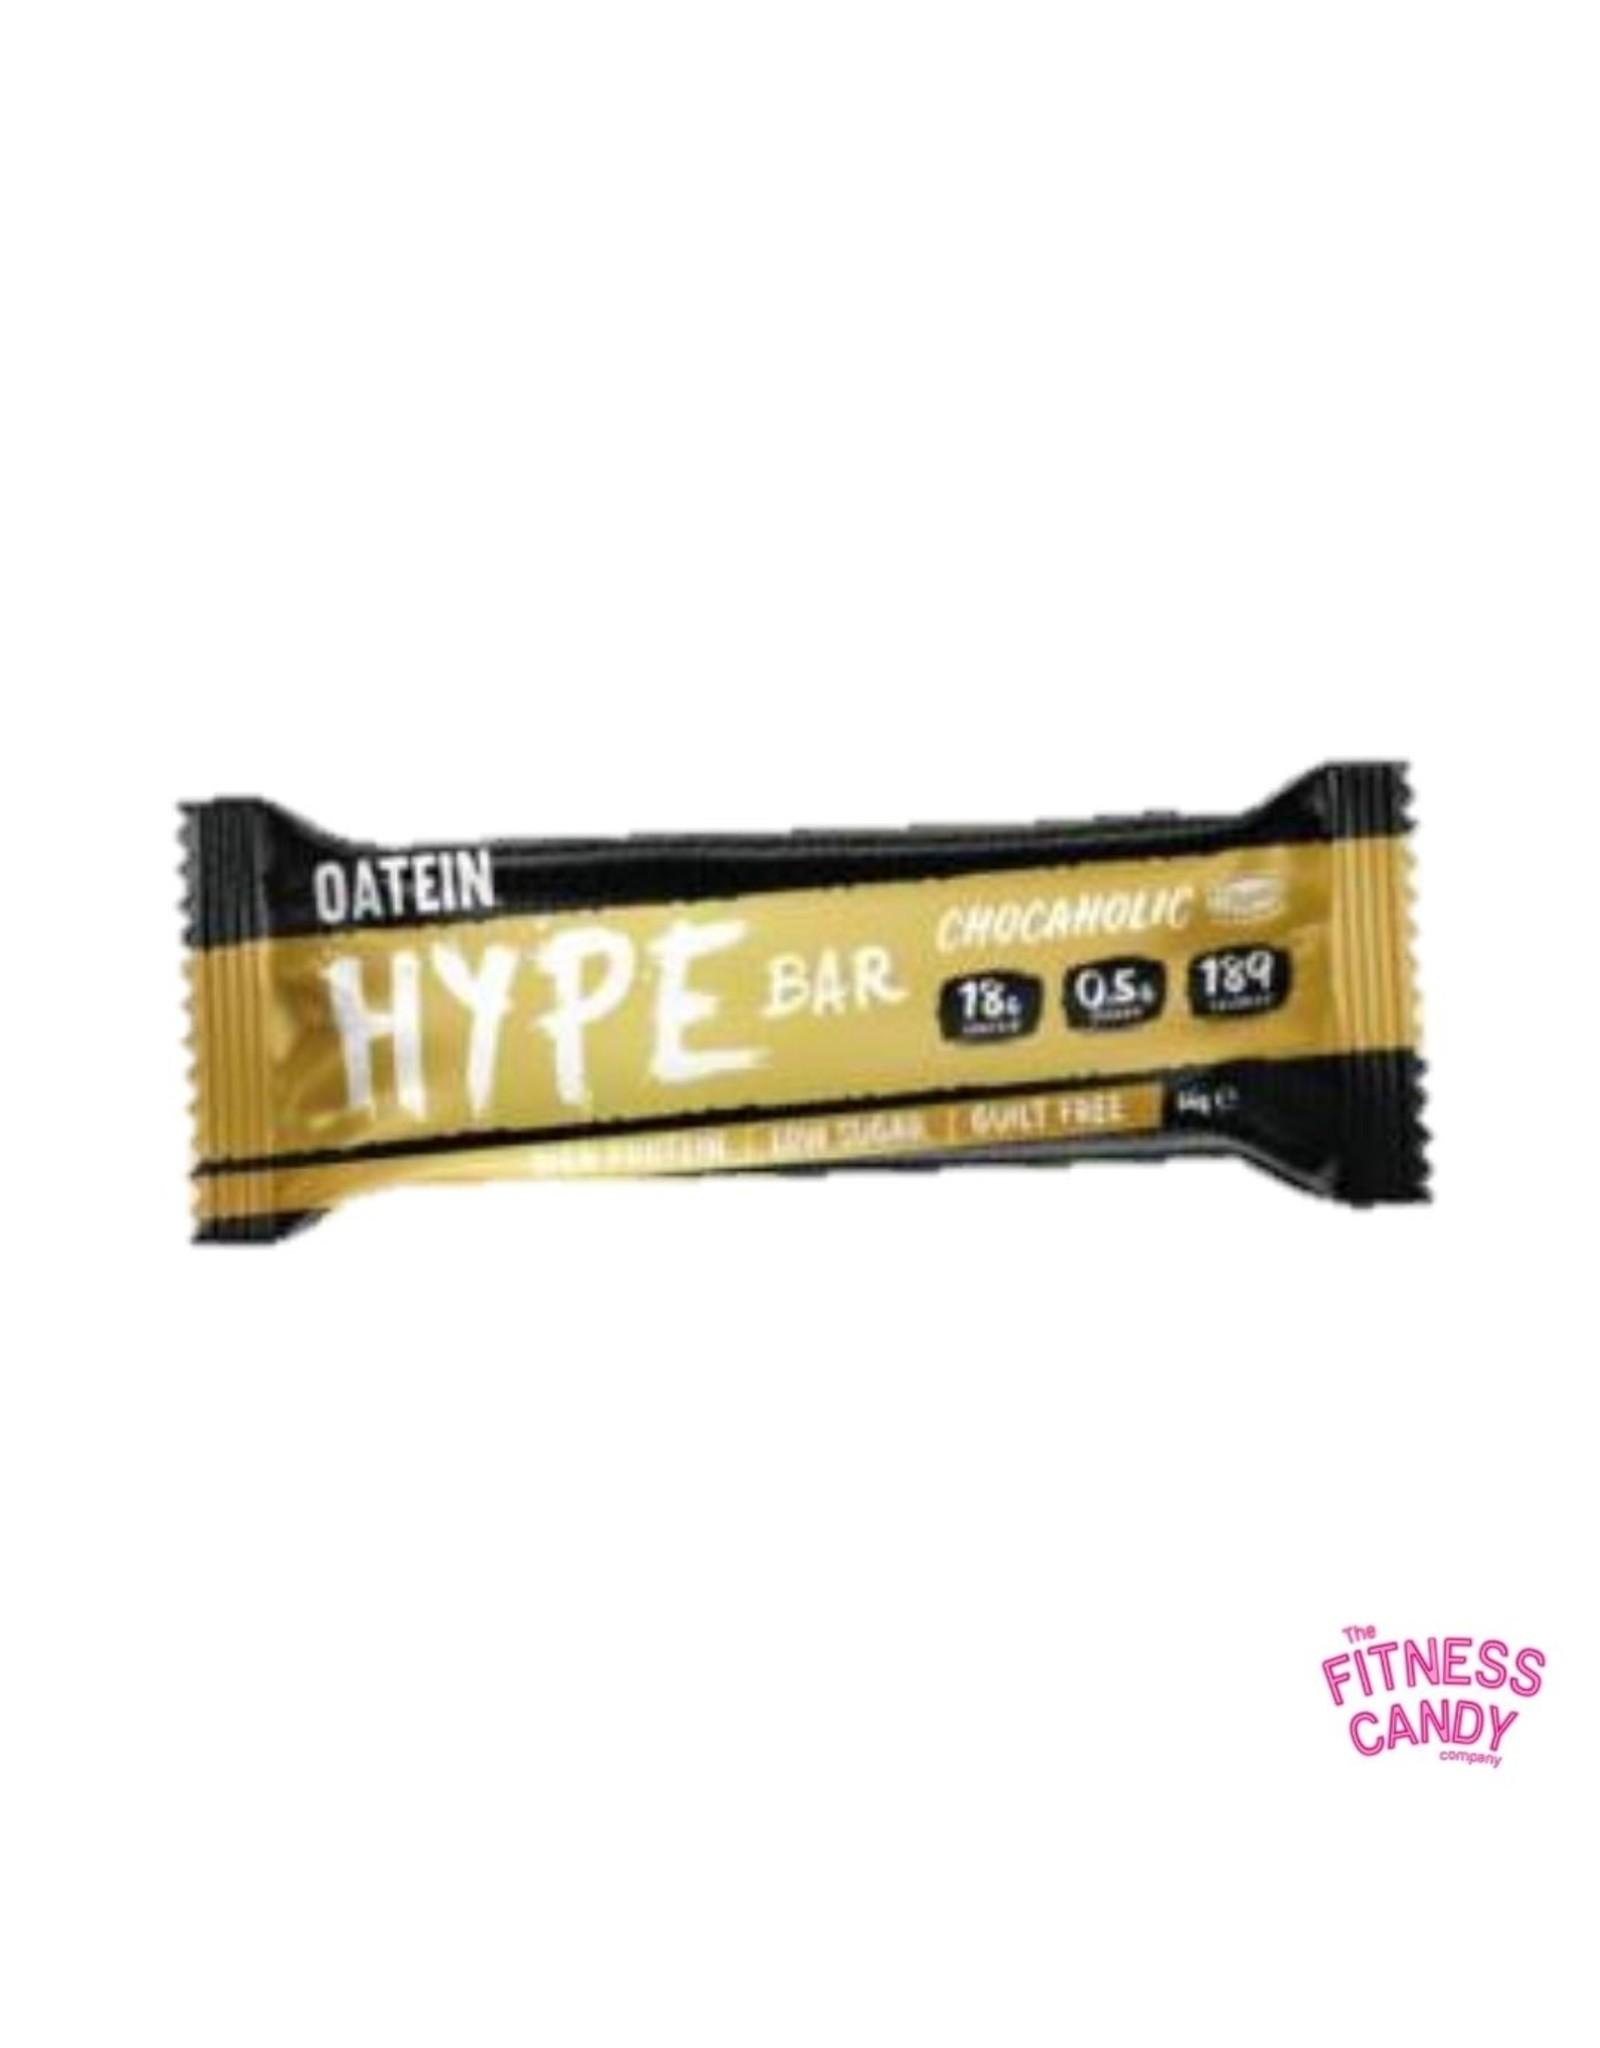 OATEIN HYPE BAR Chocoholic